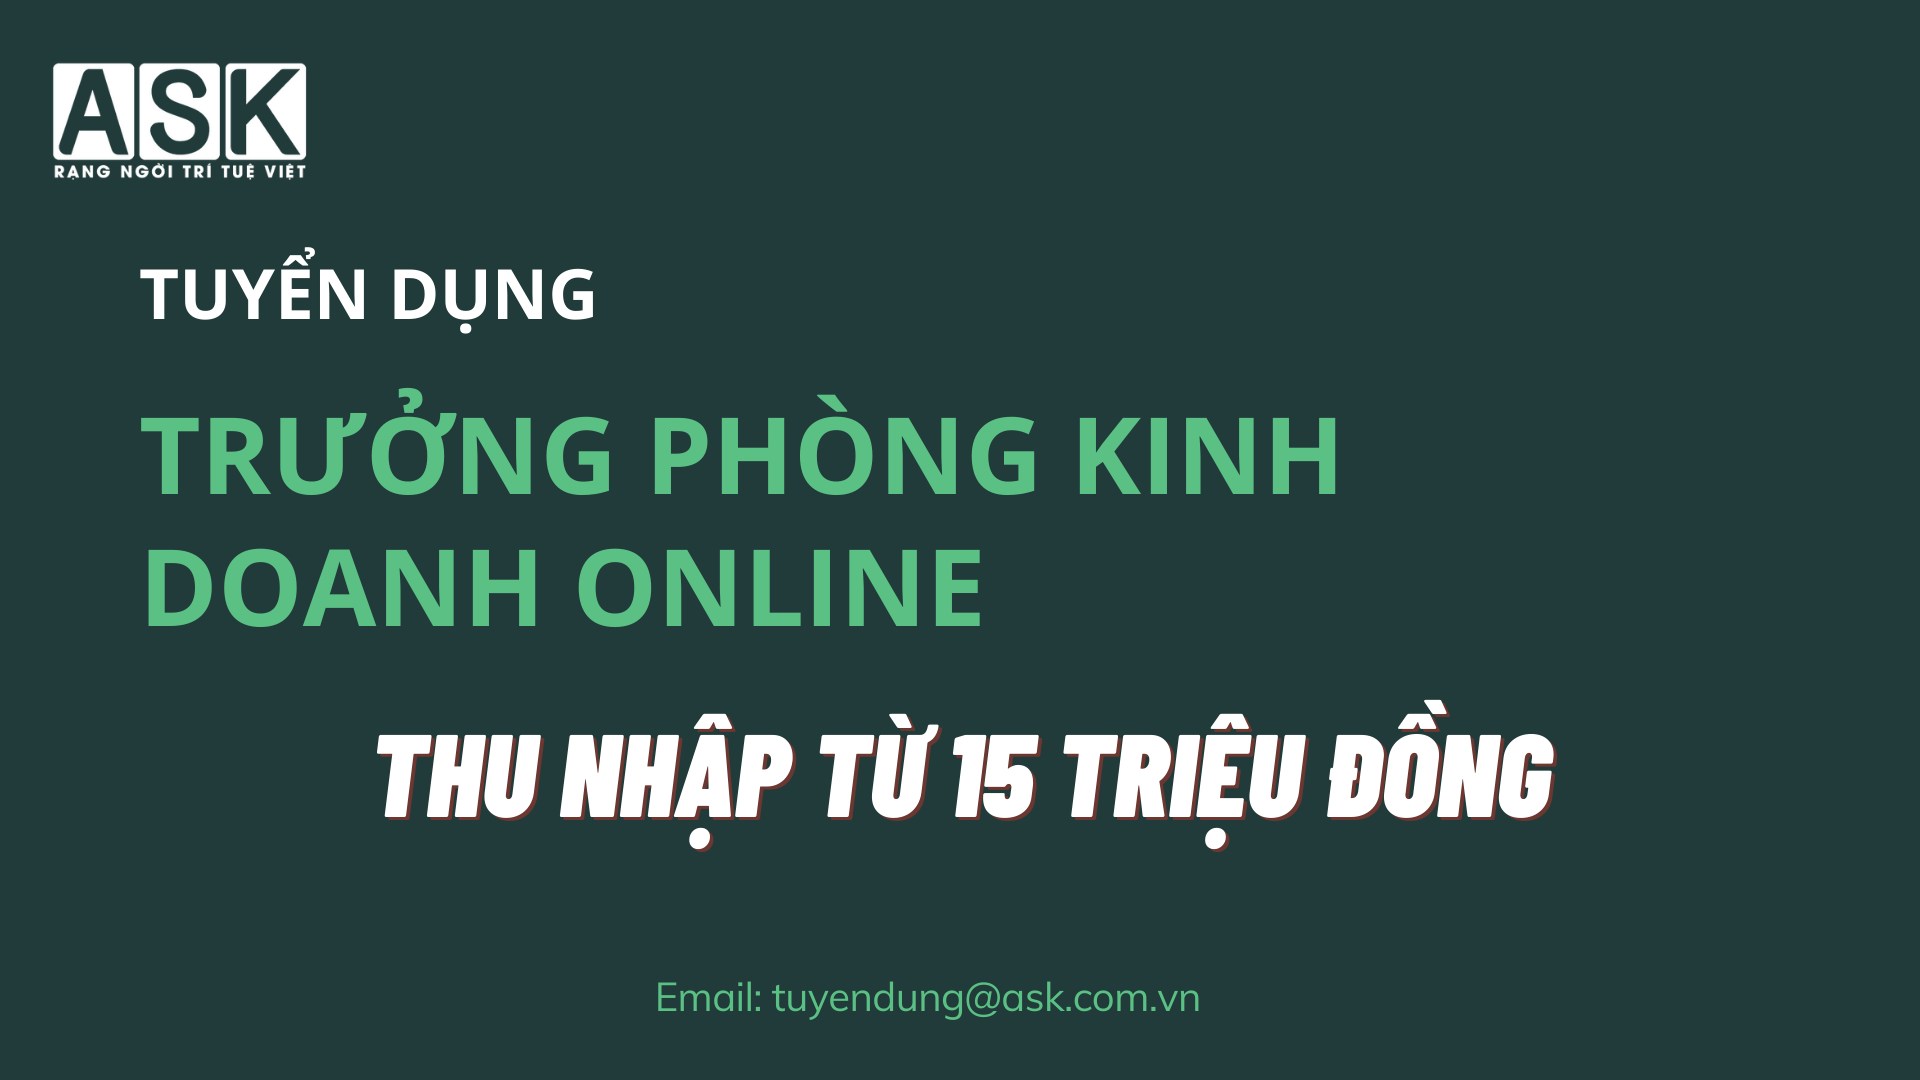 TUYỂN DỤNG TRƯỞNG PHÒNG KINH DOANH ONLINE